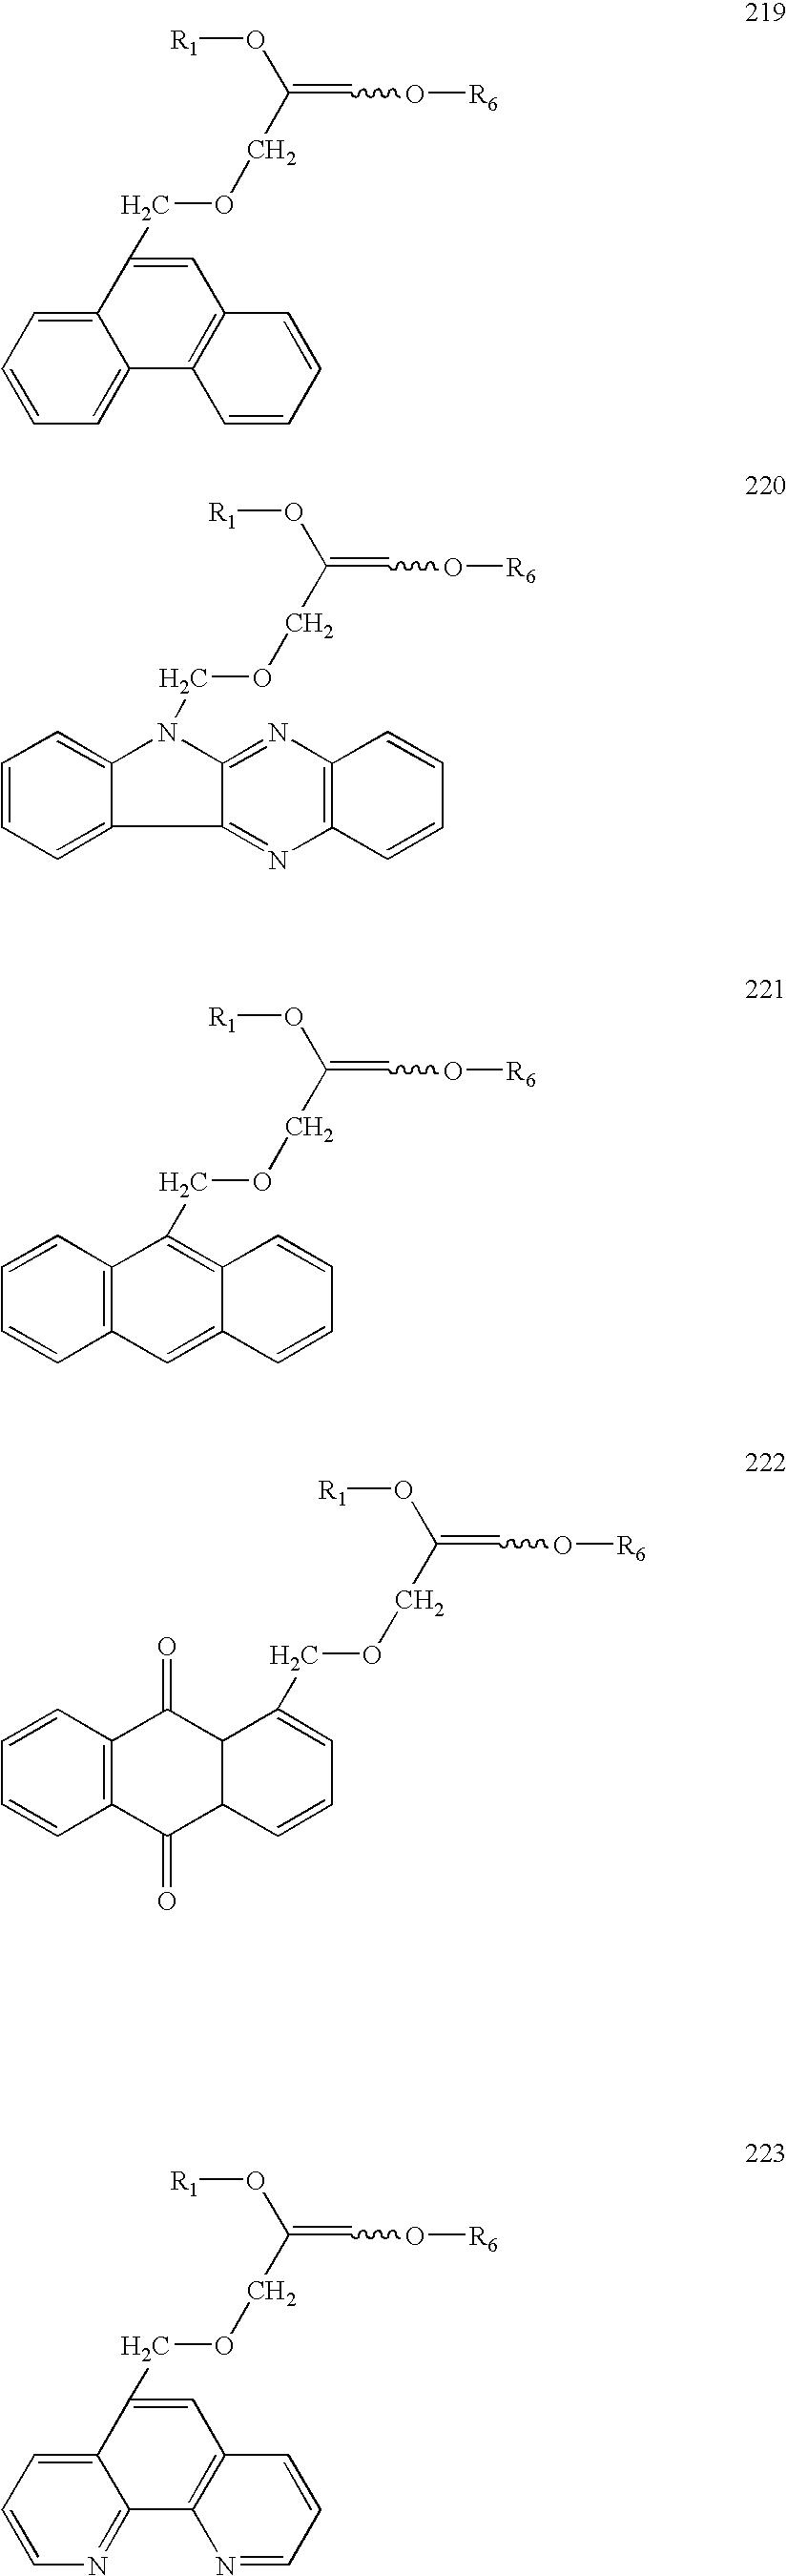 Figure US20060014144A1-20060119-C00136